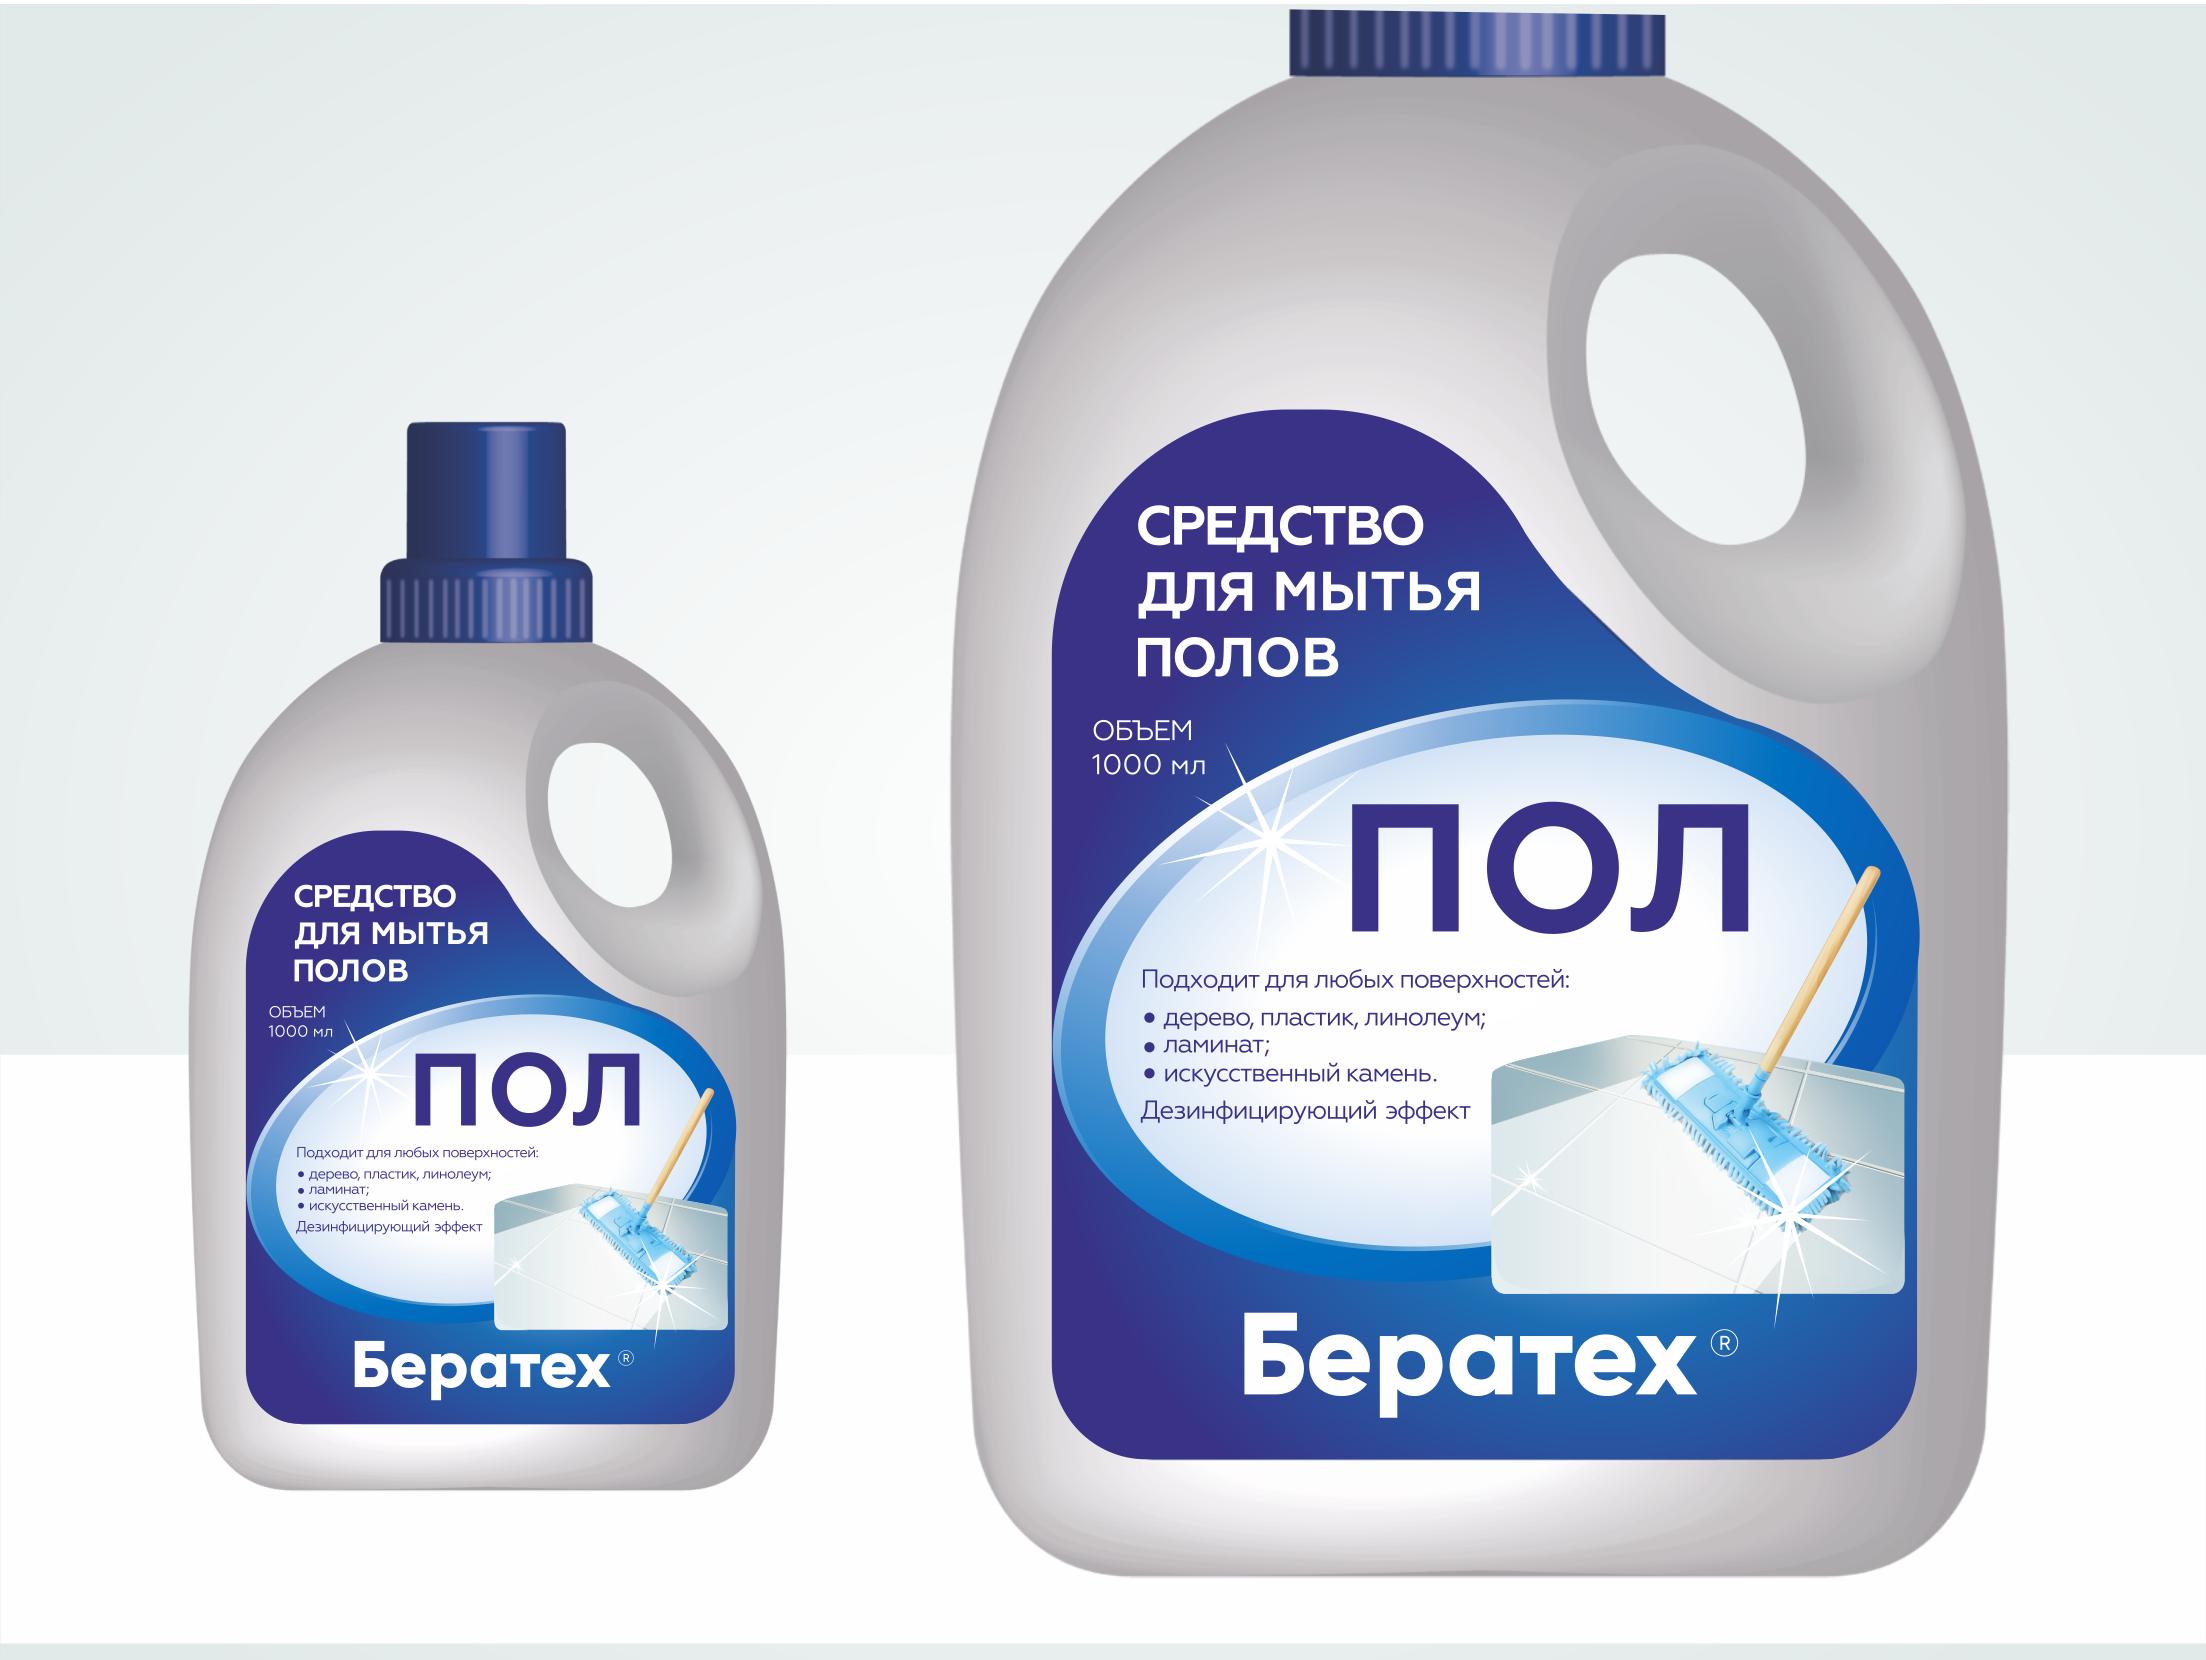 Дизайн этикеток для бытовой химии фото f_0345a6e27b306c45.png